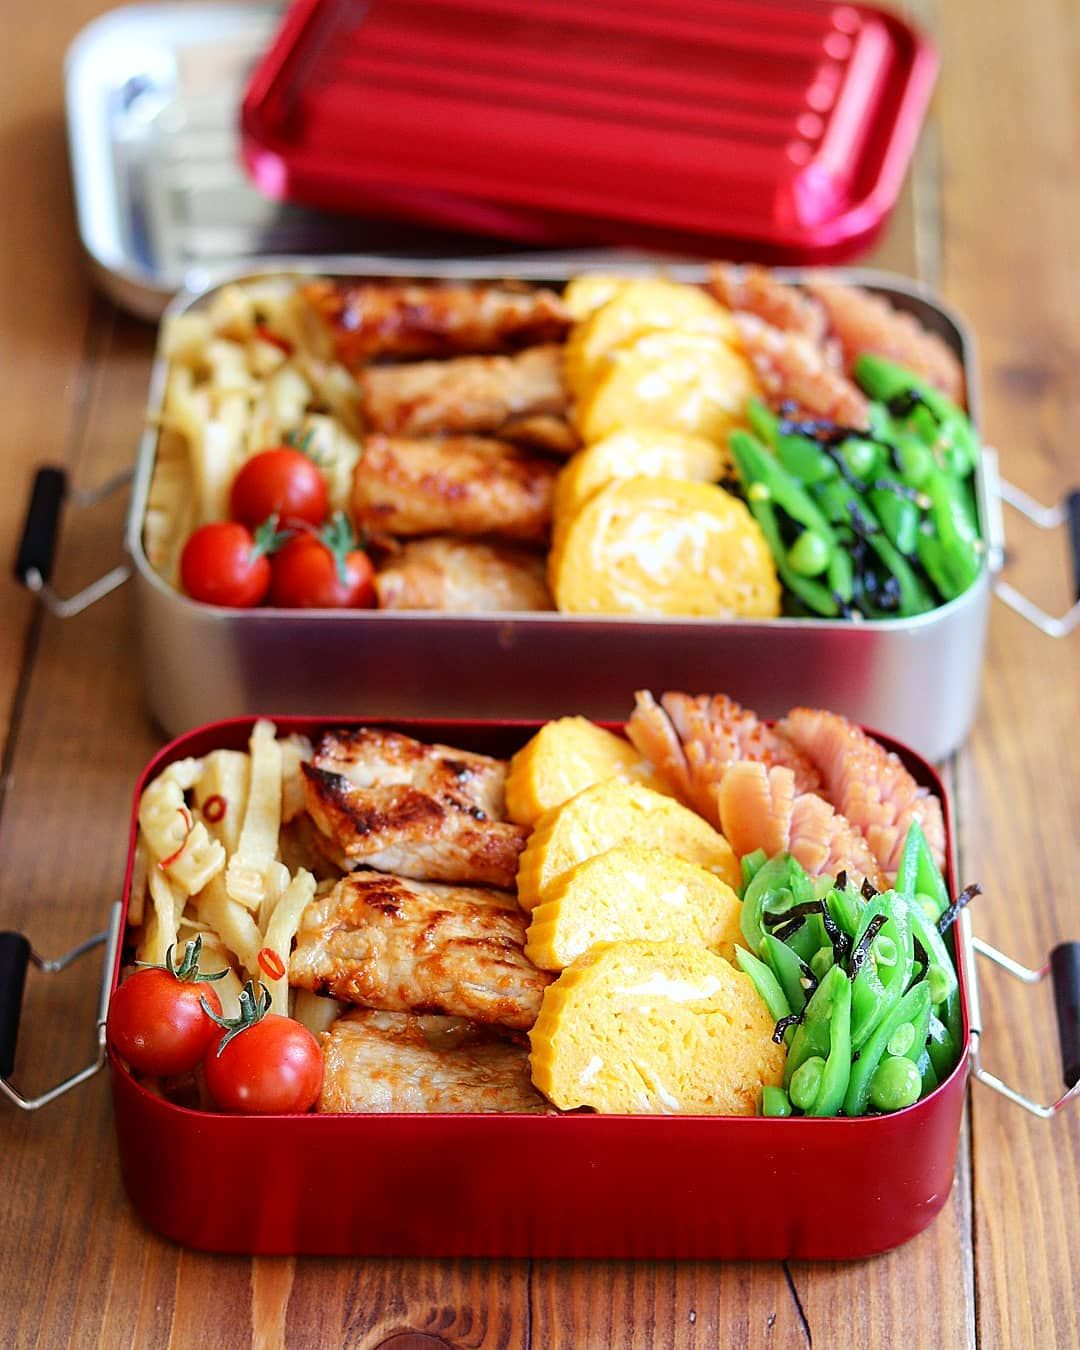 簡単 シンプルだから毎日食べたい 本当に美味しい 定番お弁当おかず 10選 レシピ 料理 レシピ お弁当 ヘルシー